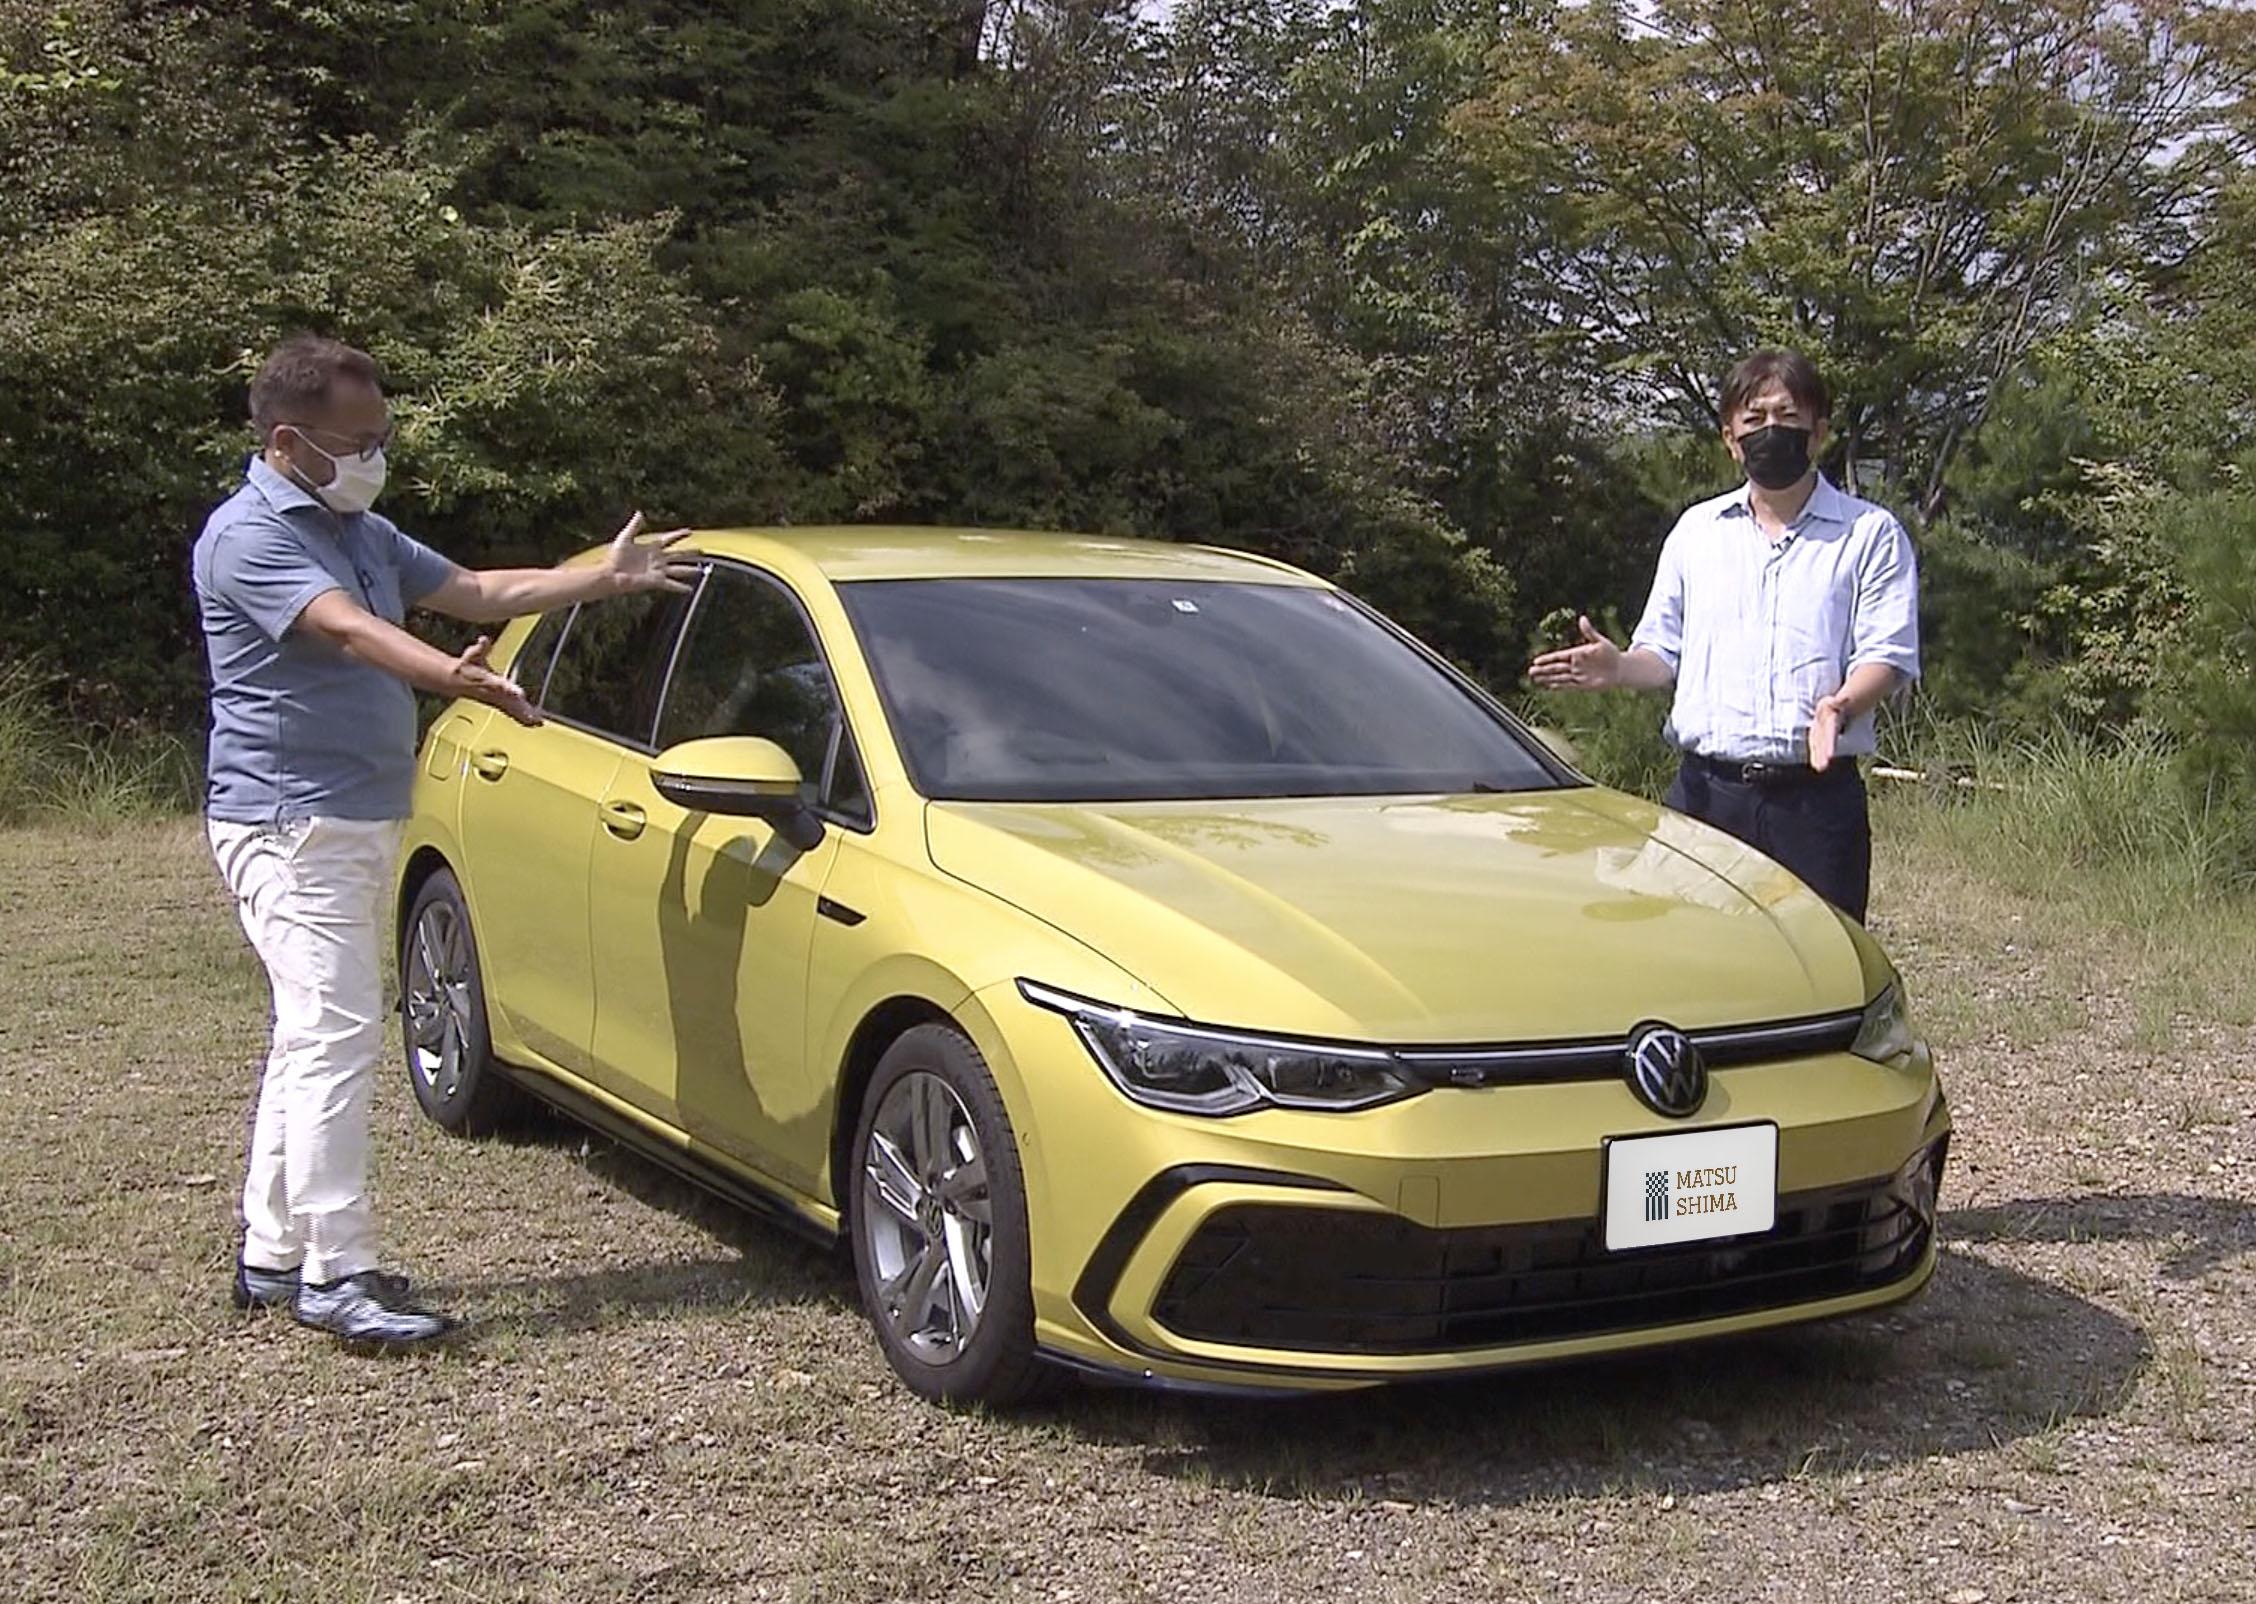 竹内弘一試乗レポ動画 8代目VWゴルフ【Volkswagen Golf eTSI R-Line】